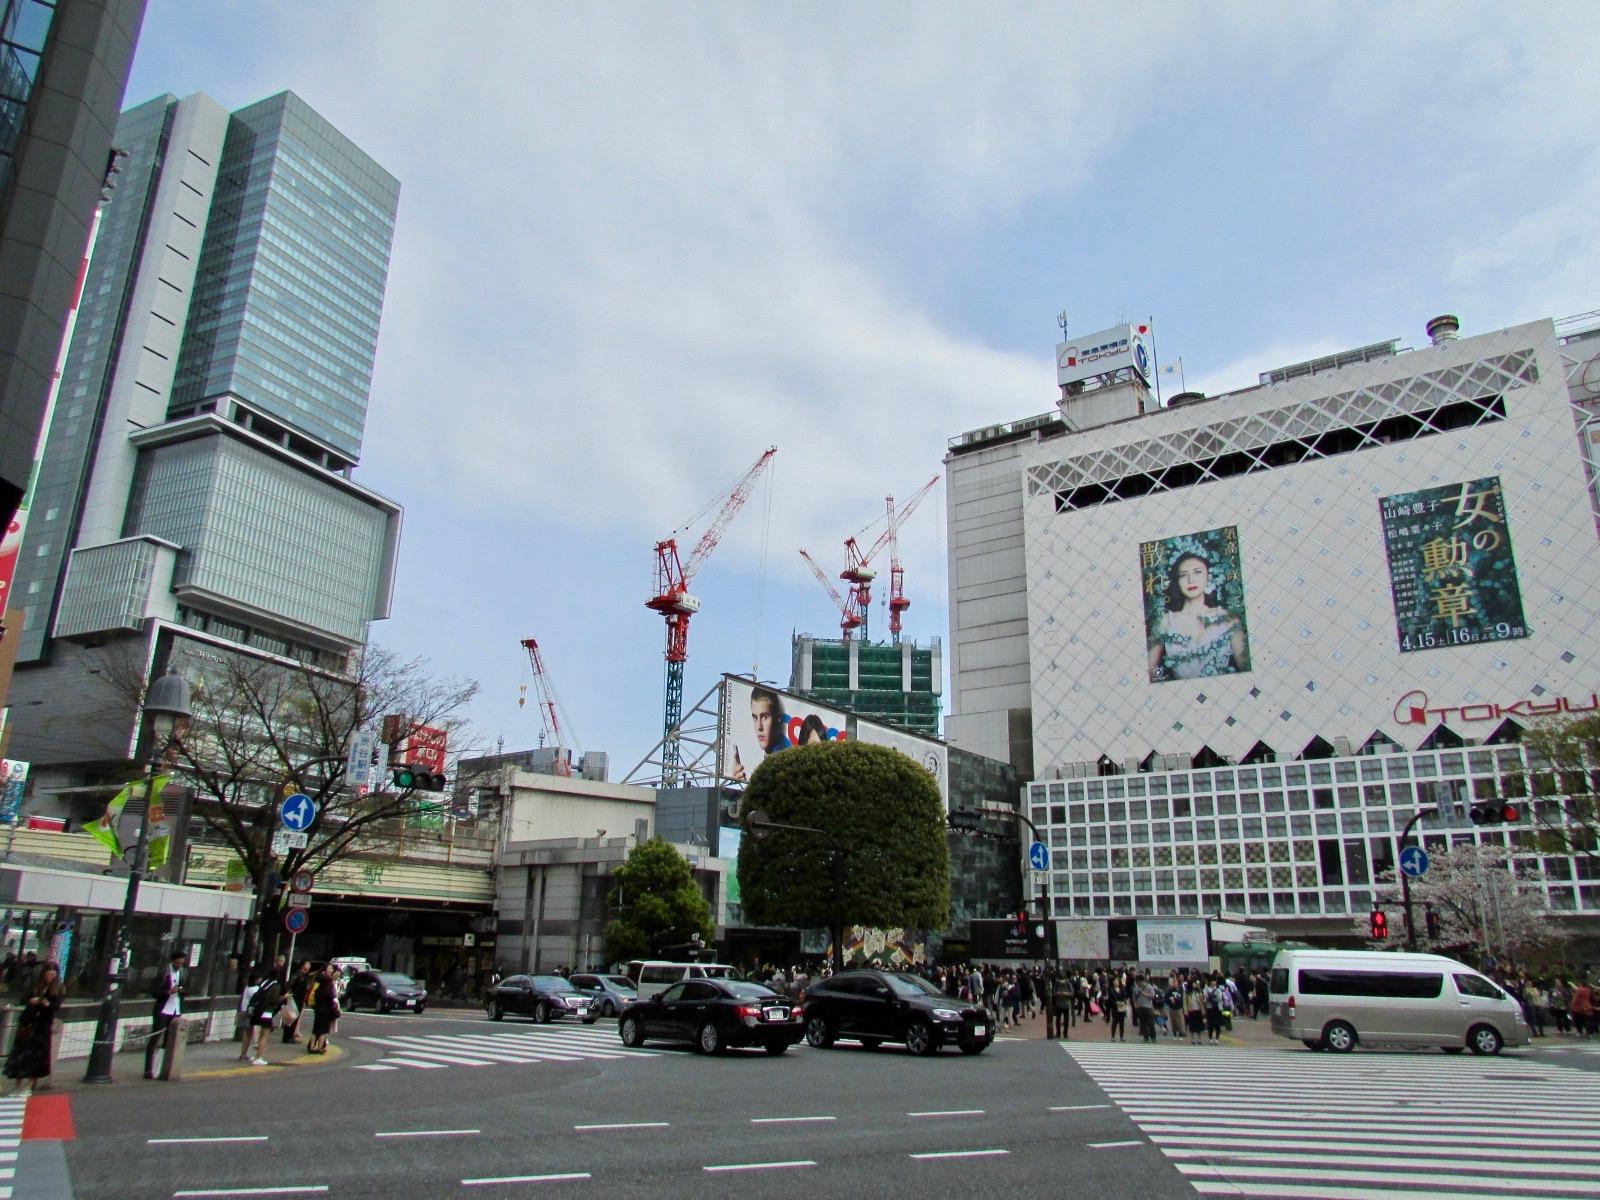 f:id:hiro-jp:20170406144627j:plain